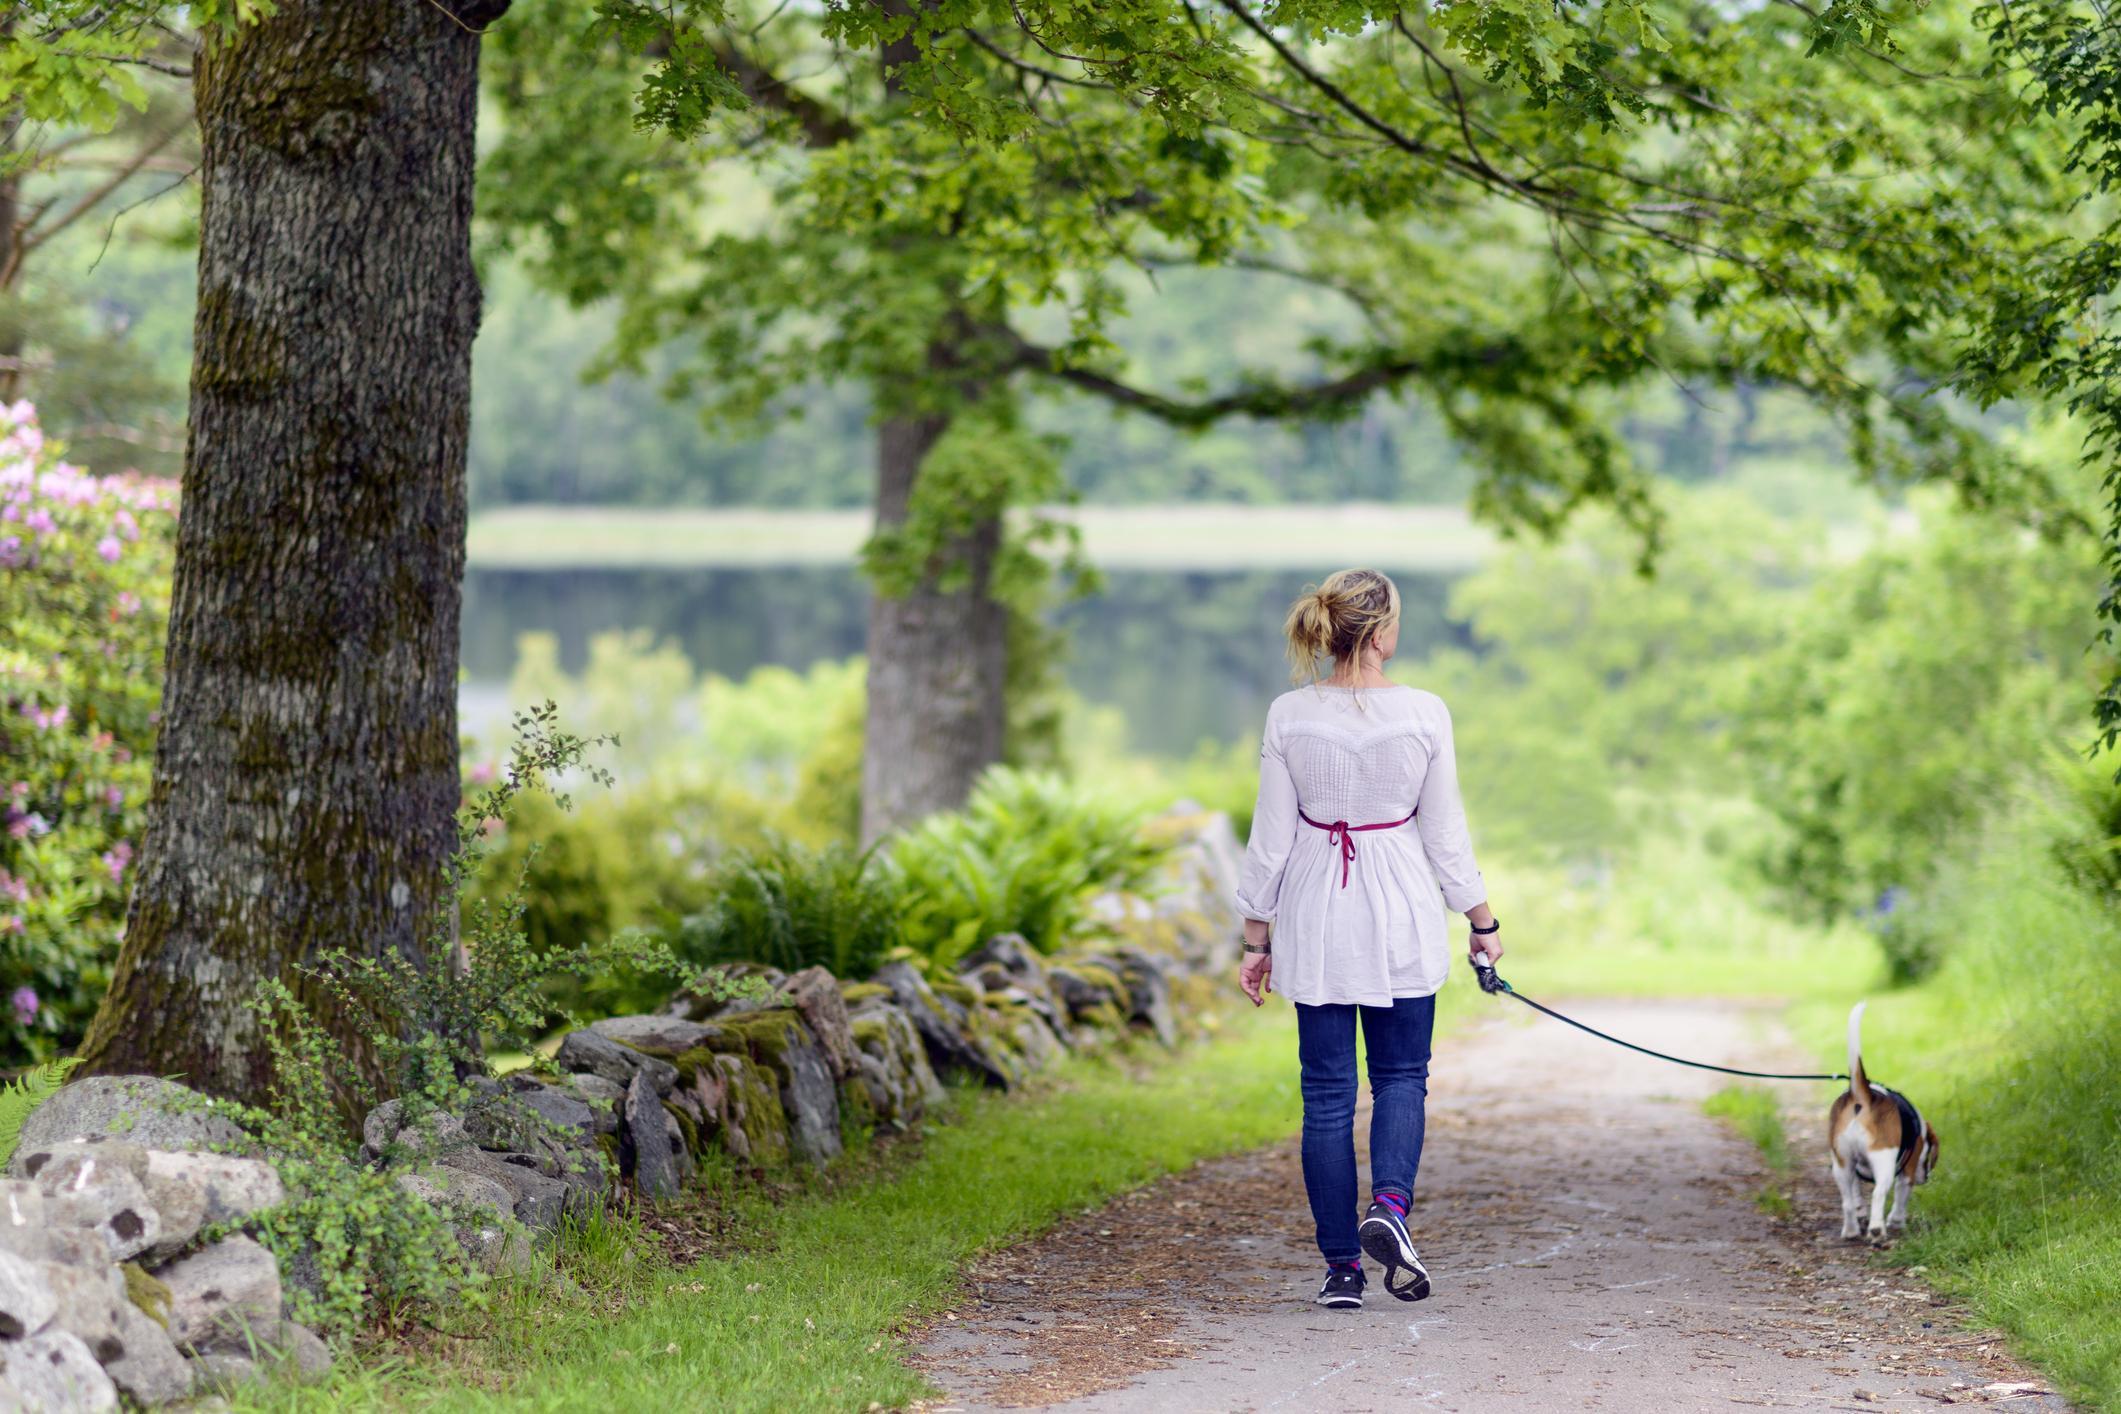 Marcher quotidiennement 30 minutes